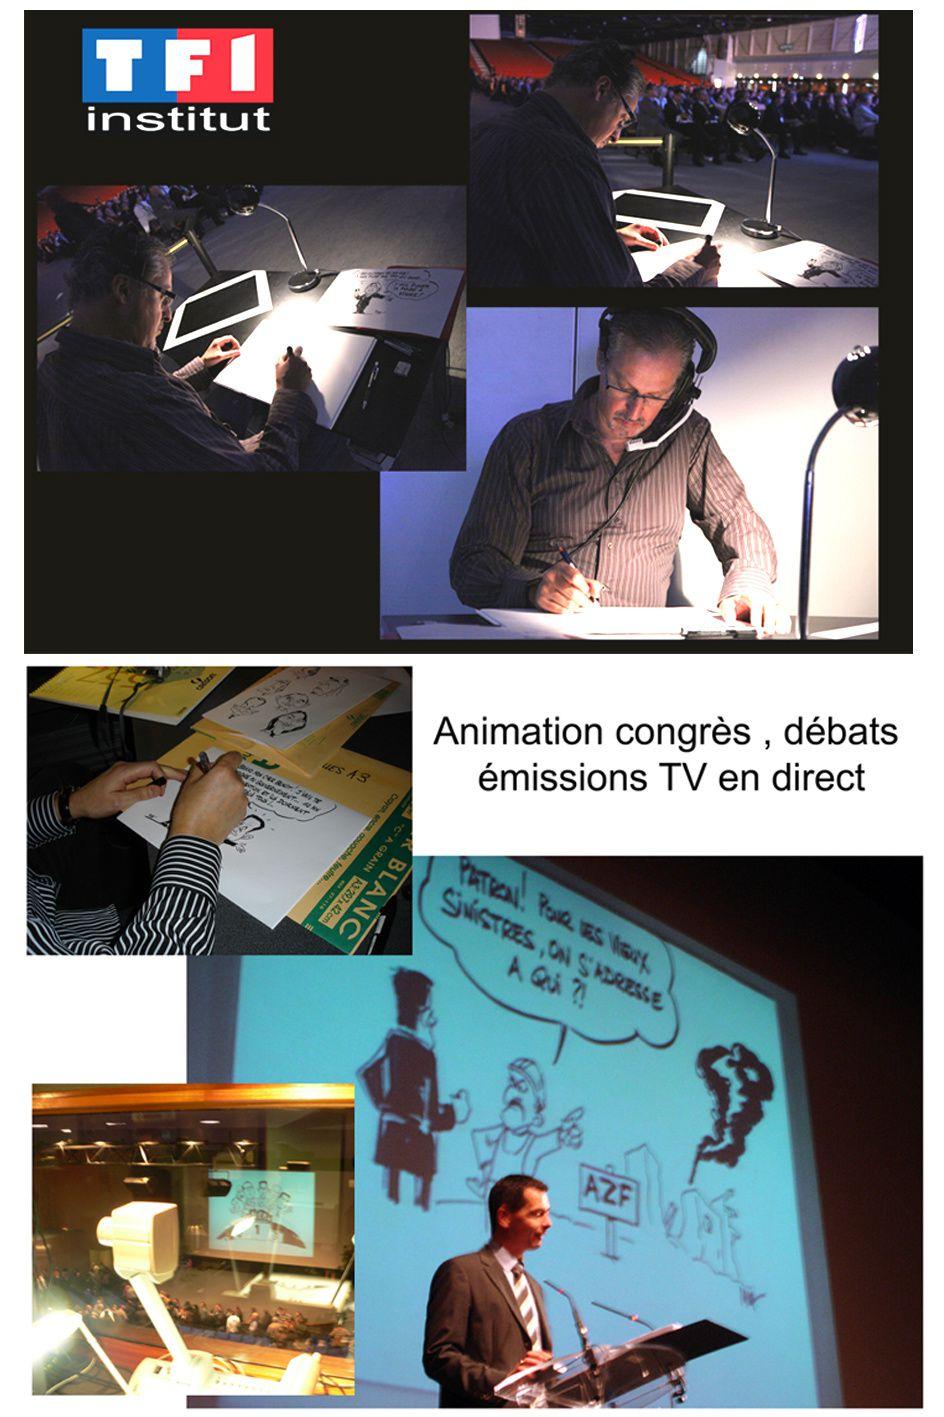 Clichés lors d'animation de congrès :